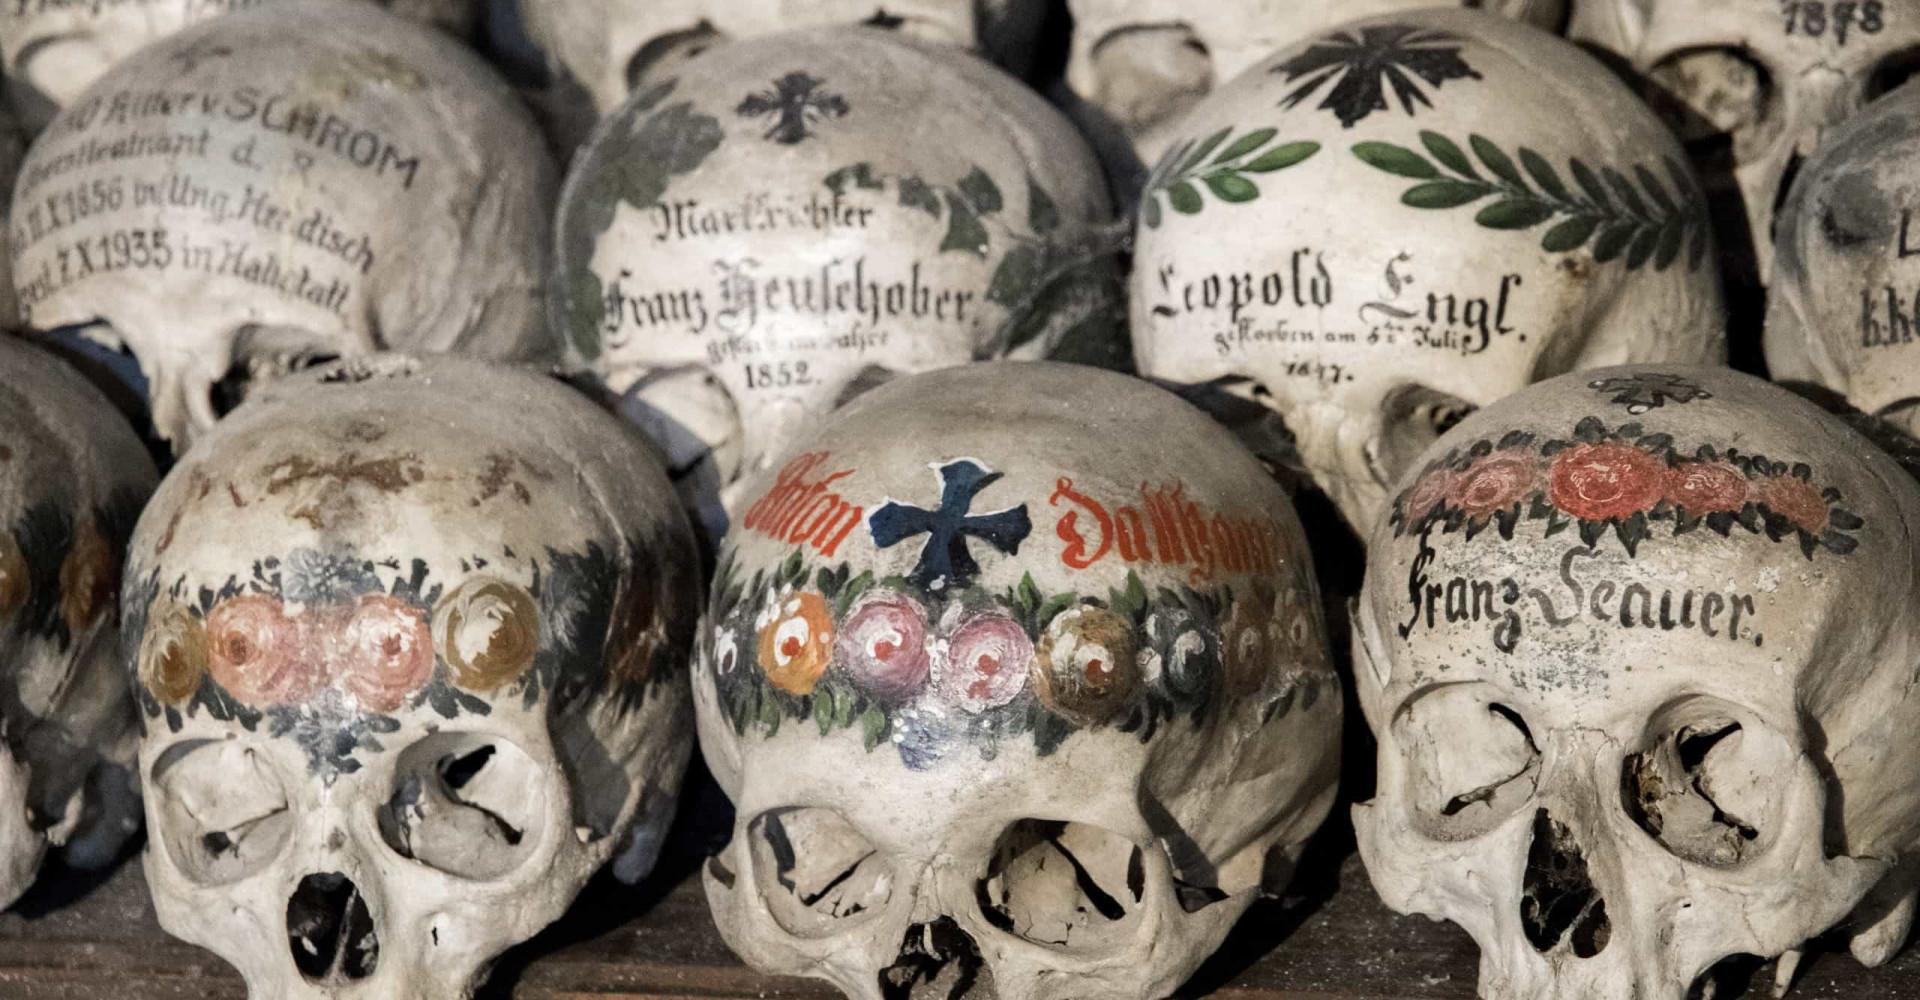 유럽 전역에 있는 흩어져 있는 '해골' 예배당